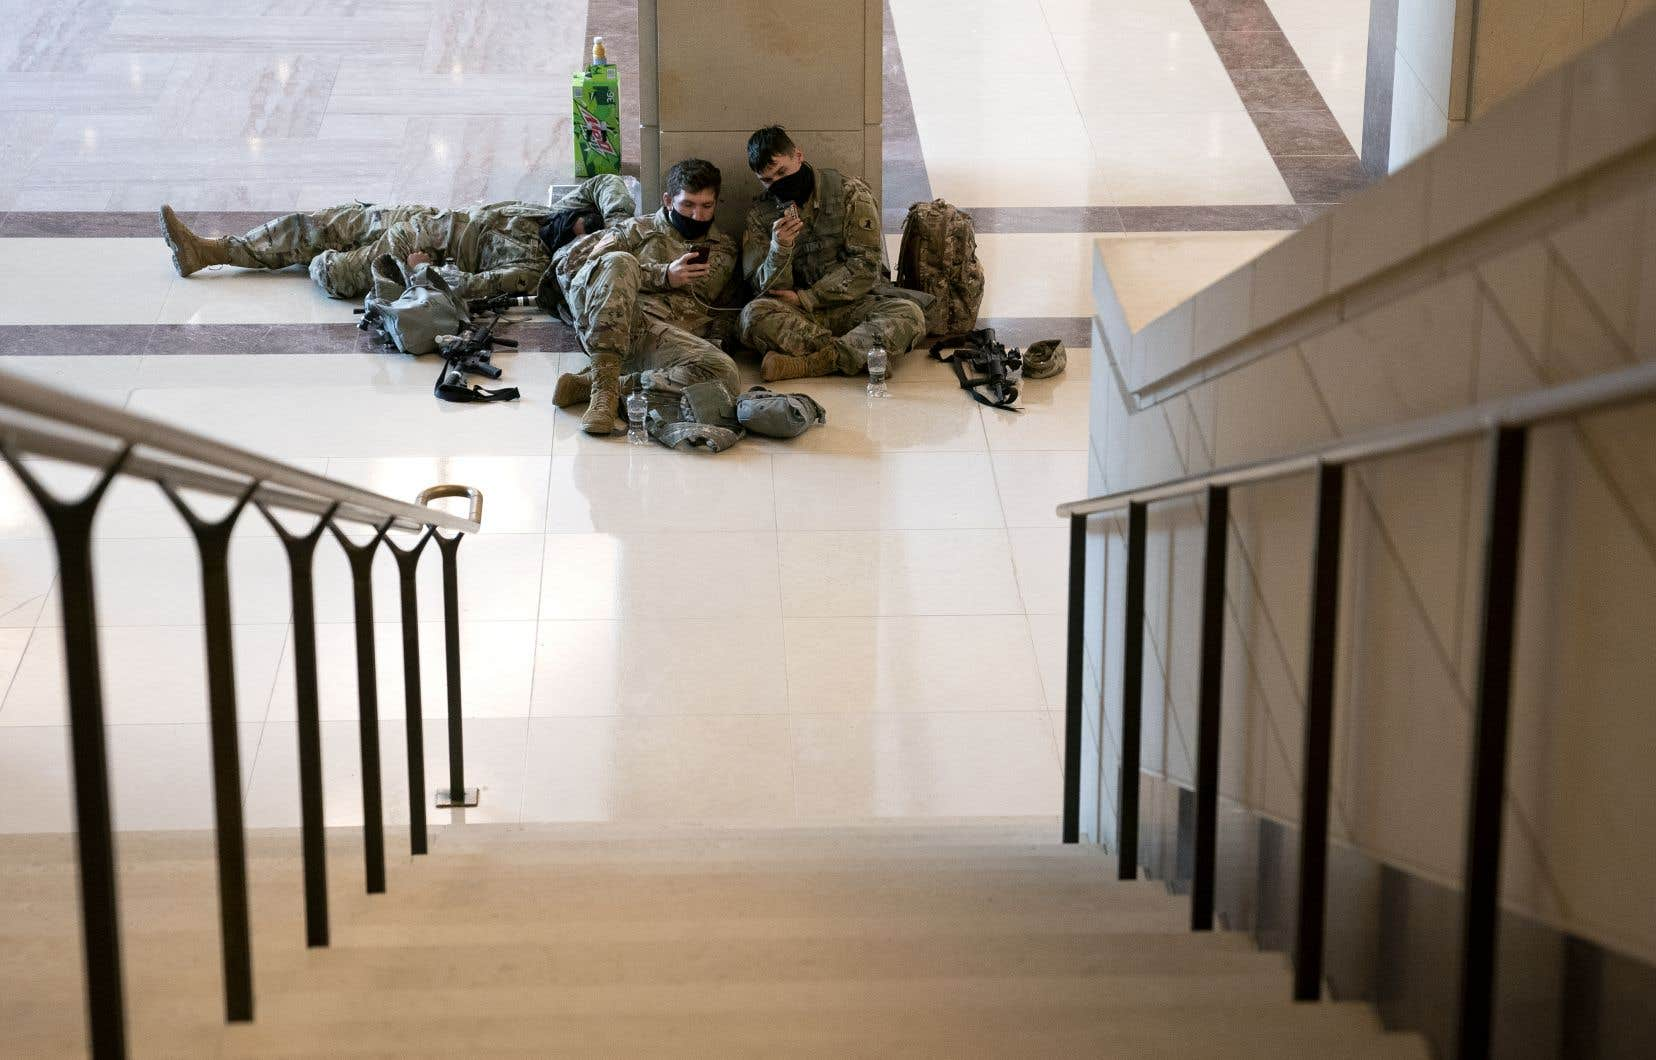 Images saisissantes, des dizaines de militaires ont passé la nuit à l'intérieur du bâtiment du Congrès, dormant encore à même le sol dans les salles et les couloirs alors même que les élus arrivaient.